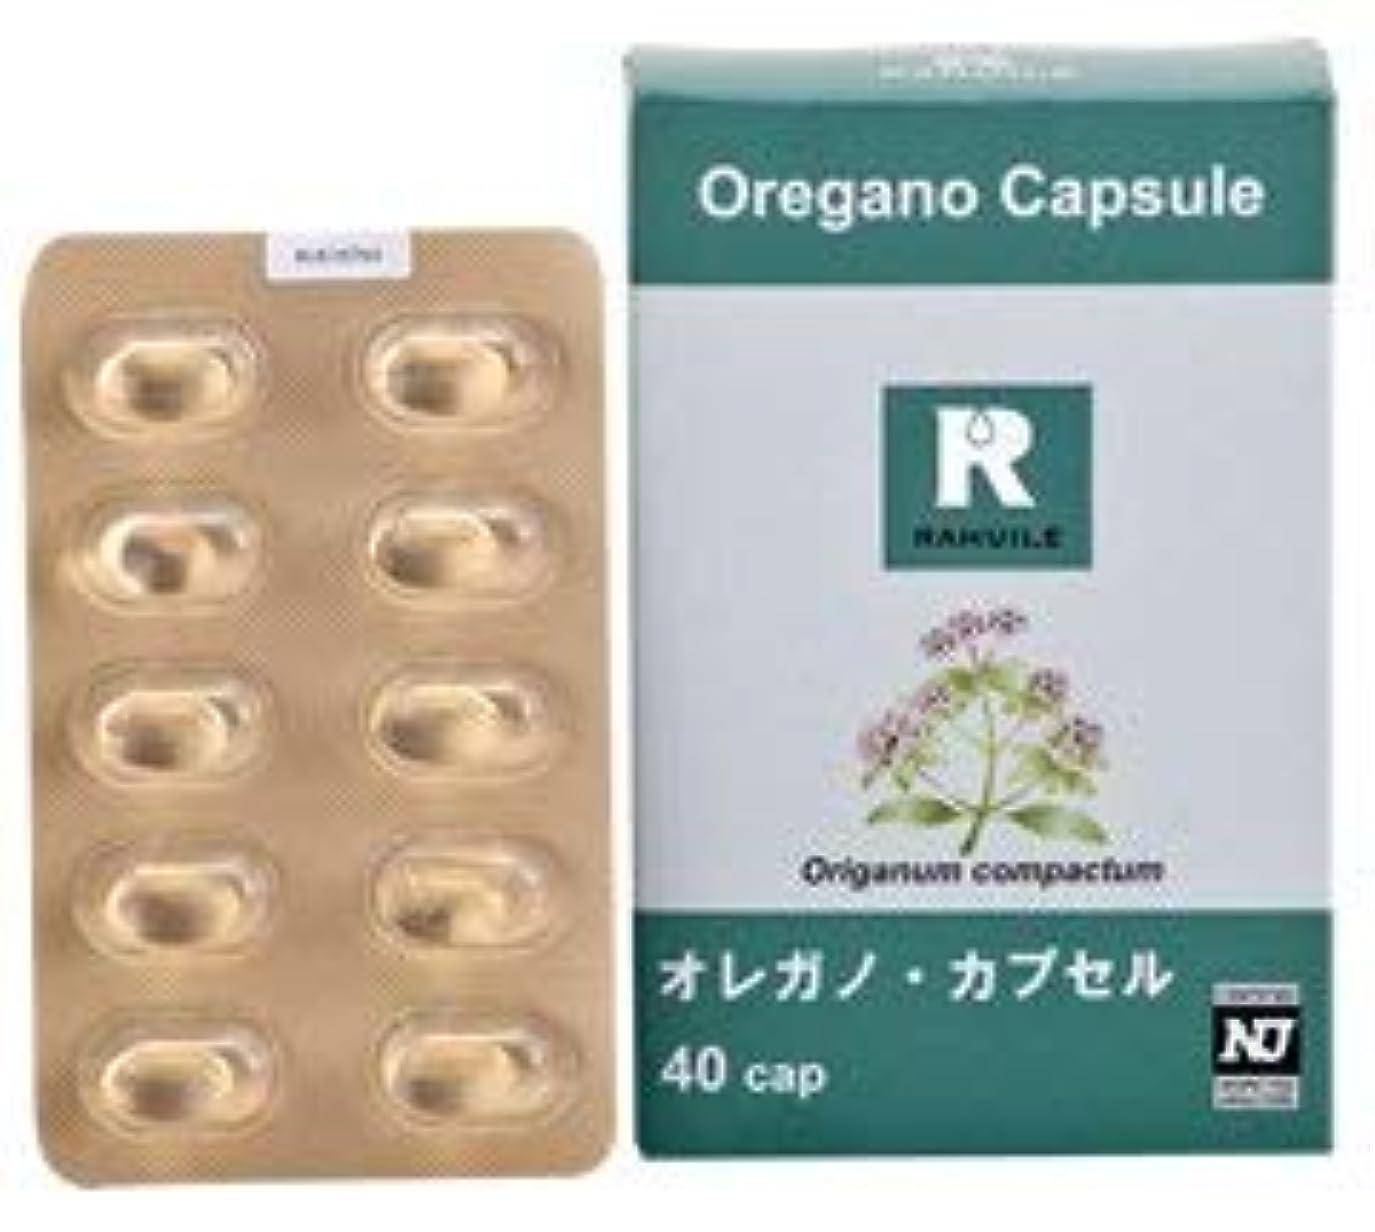 罹患率神の器官ラフューレ ( RAHUILE ) カプセルサプリメント オレガノ?アロマカプセル 40粒 cap001